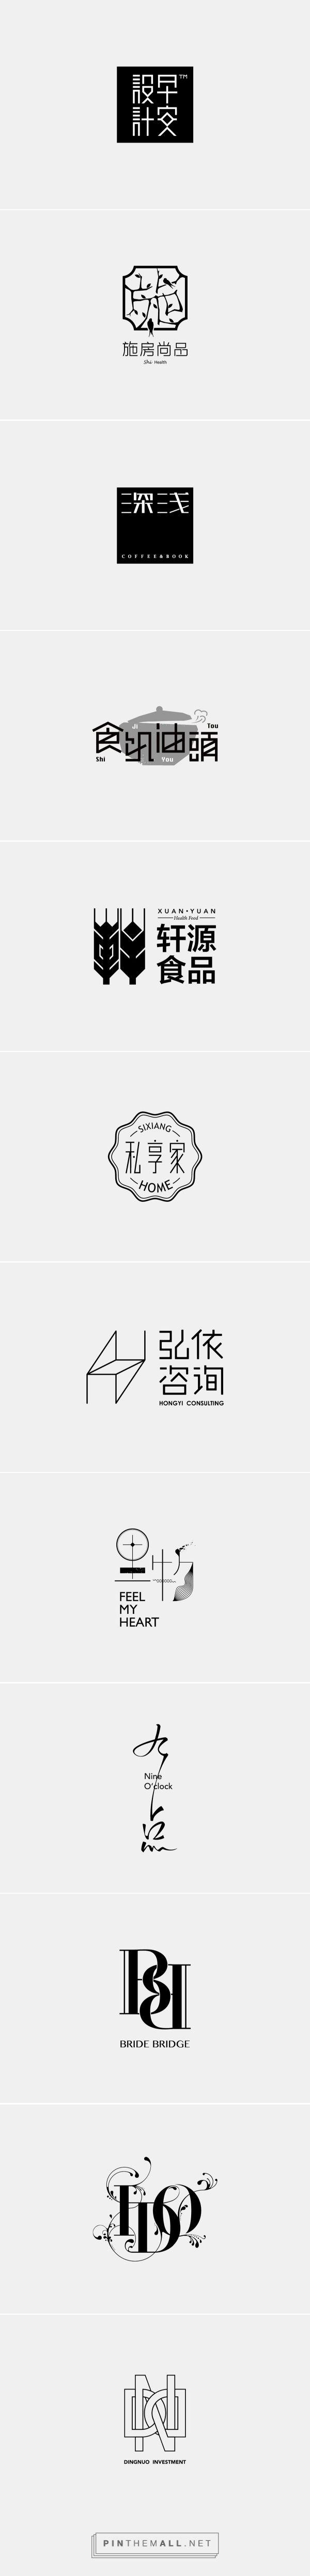 Die besten 25 Word logo Ideen auf Pinterest